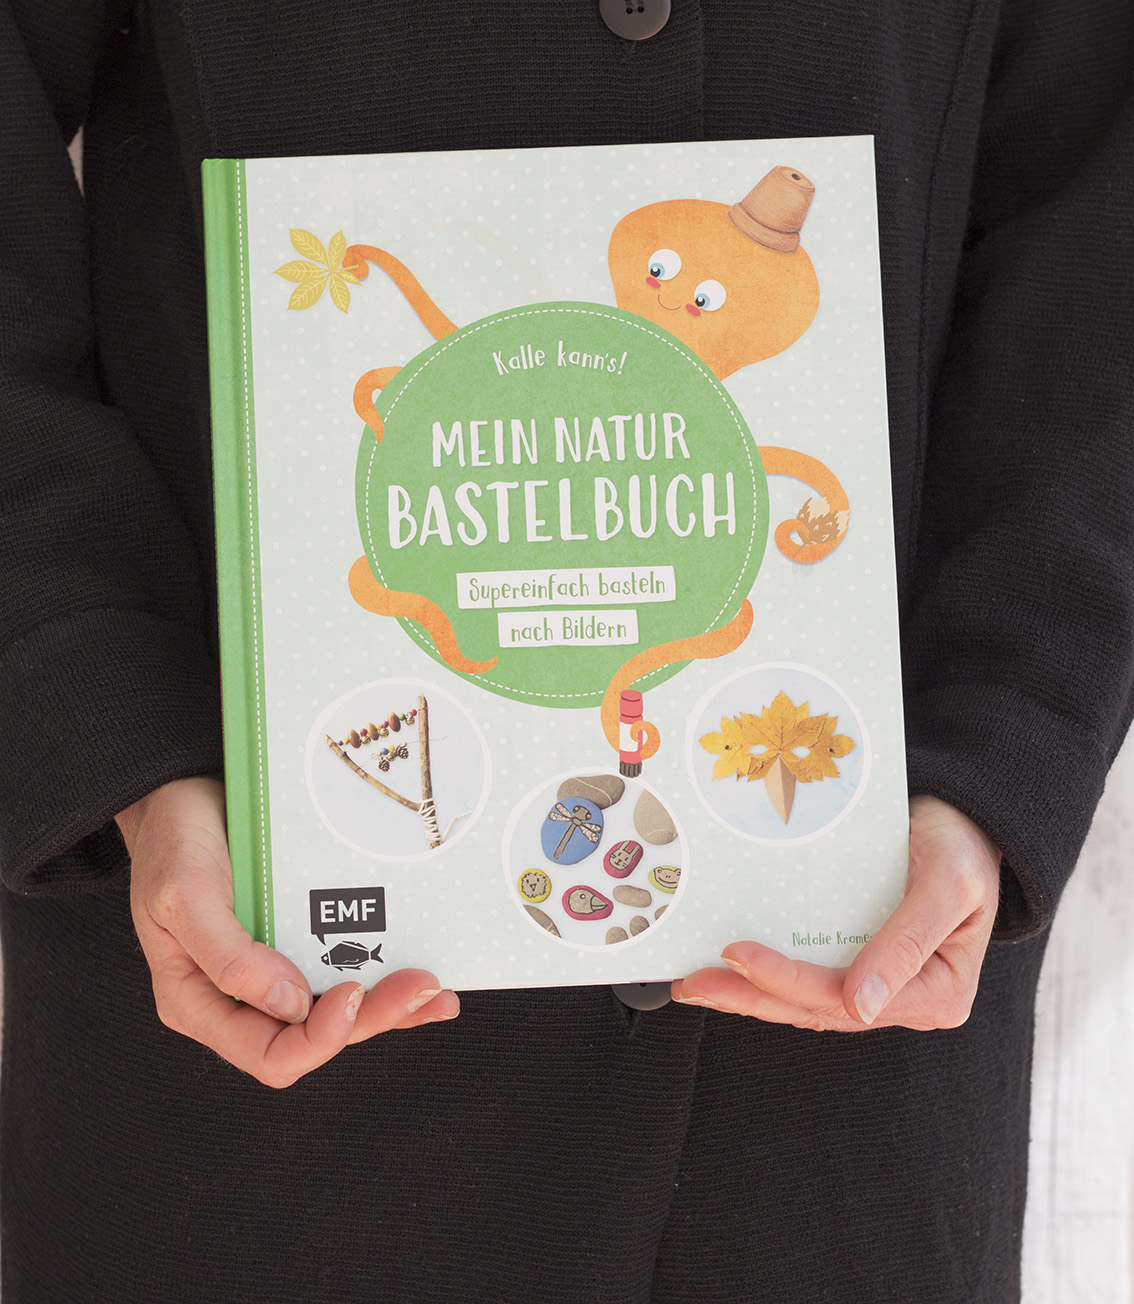 Mein Natur Bastelbuch | Pysselbolaget